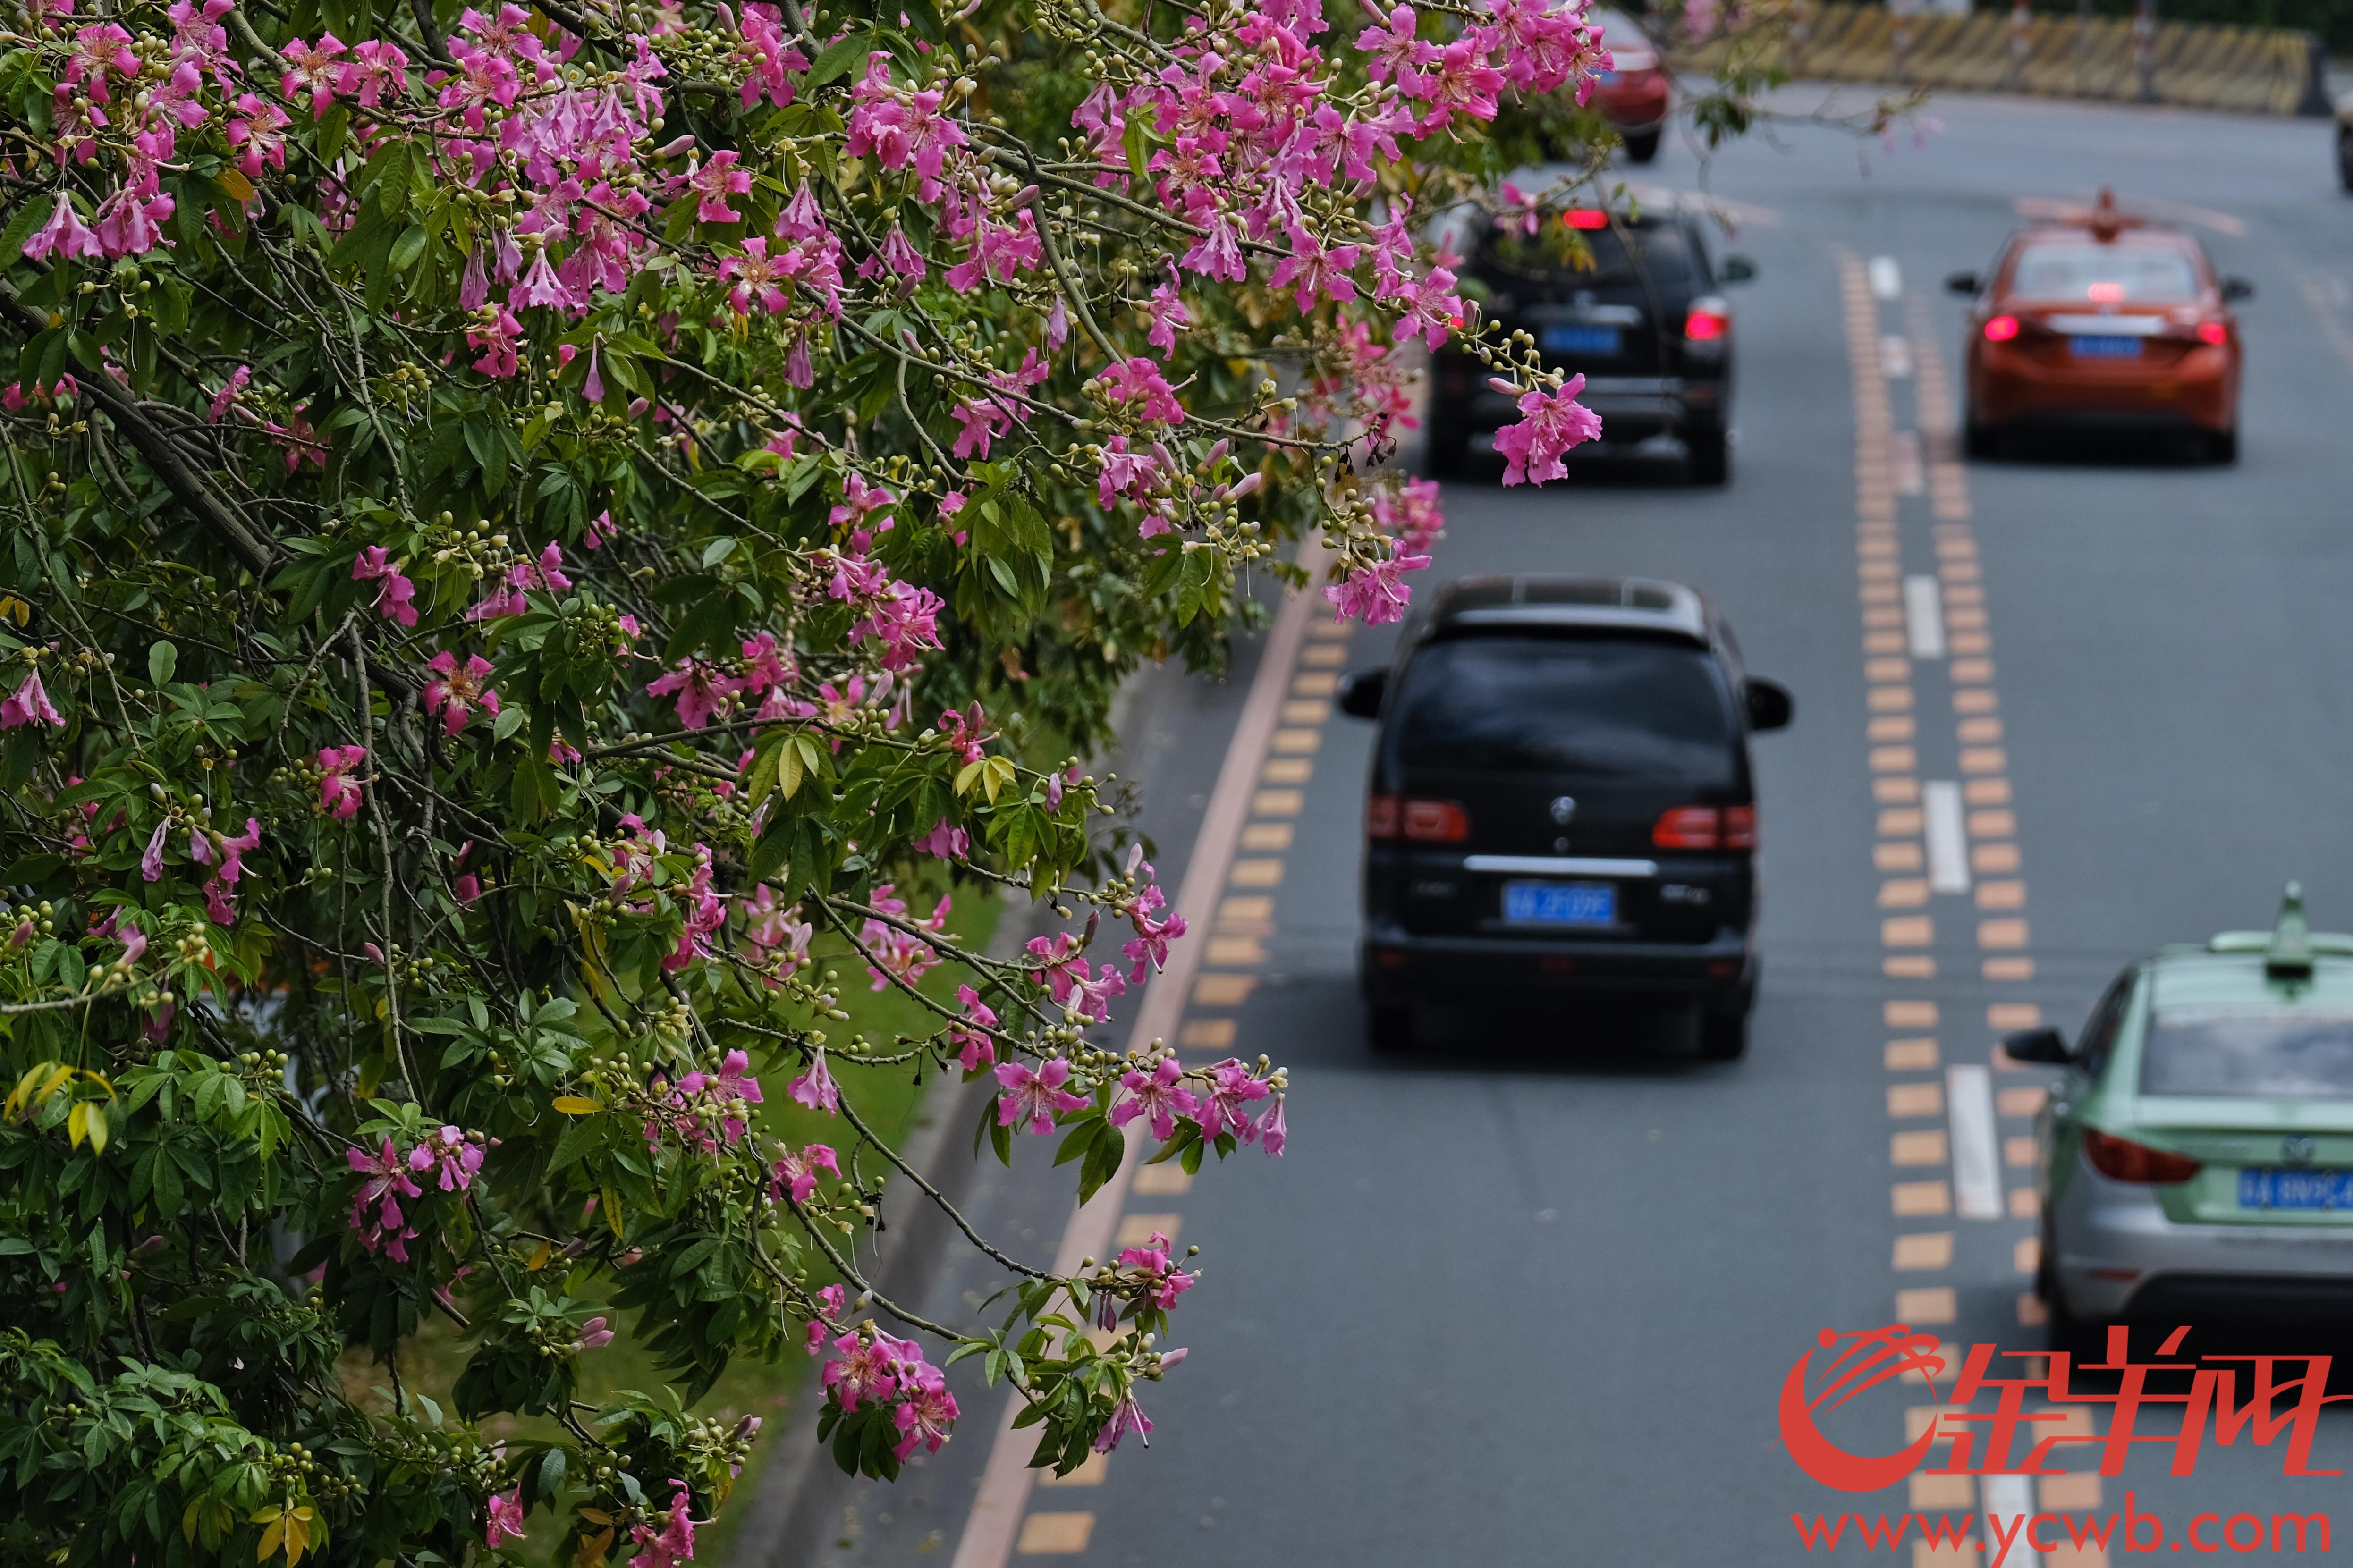 """近日,广州风和日丽,气温""""飙升"""",各处的异木棉花灿烂盛放。文/图 羊城晚报全媒体记者  陈秋明"""